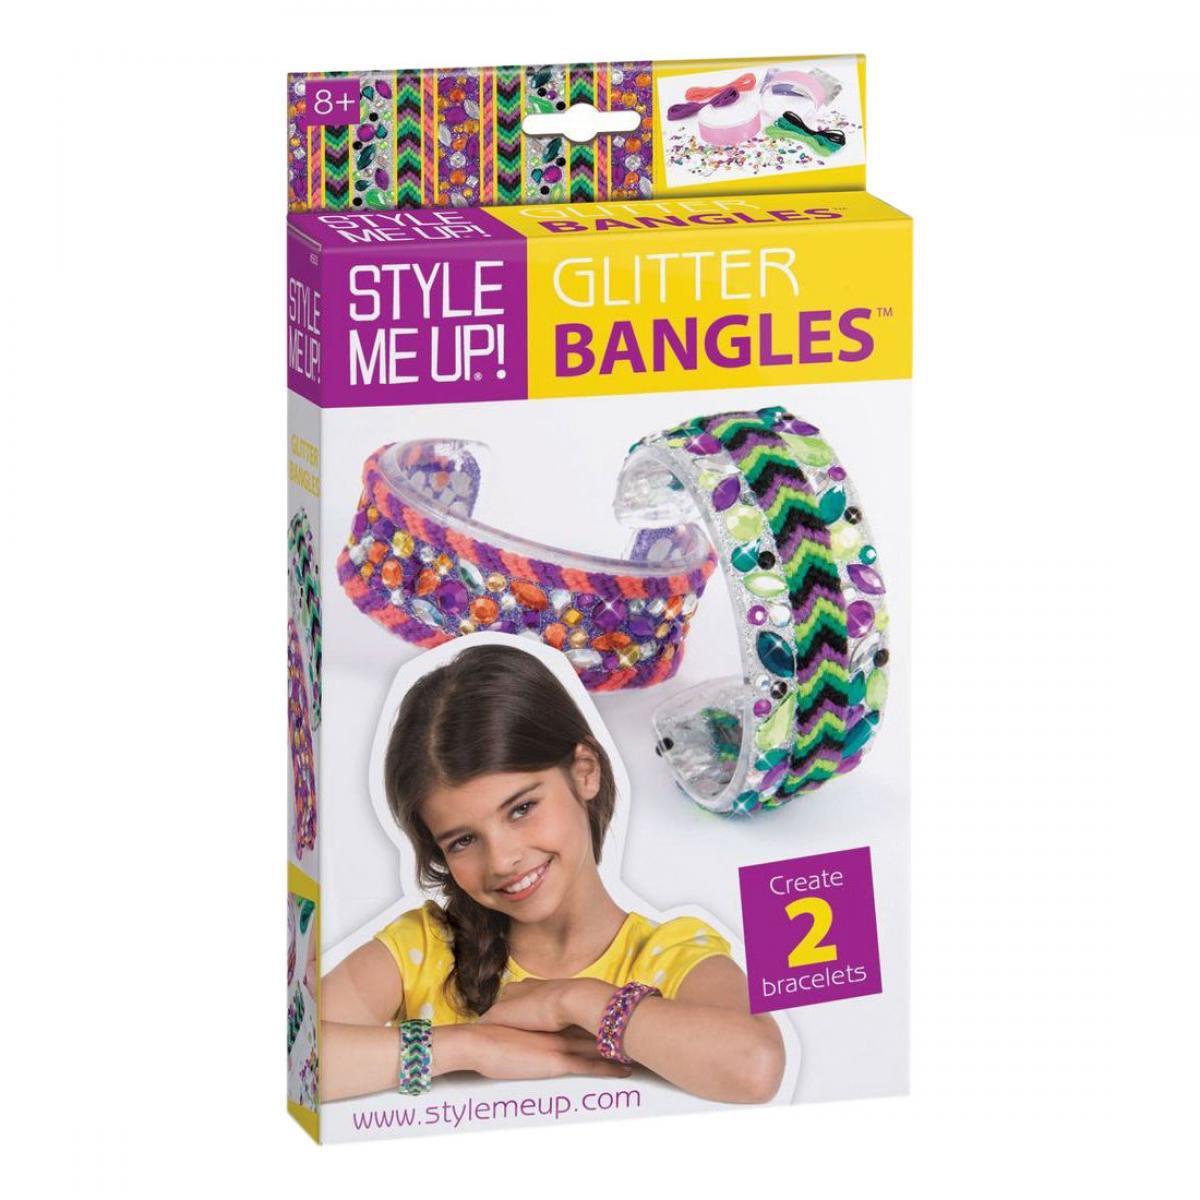 Как выбрать подарок на 8 марта ребенку?, фото №9 - интернет магазин Платошка